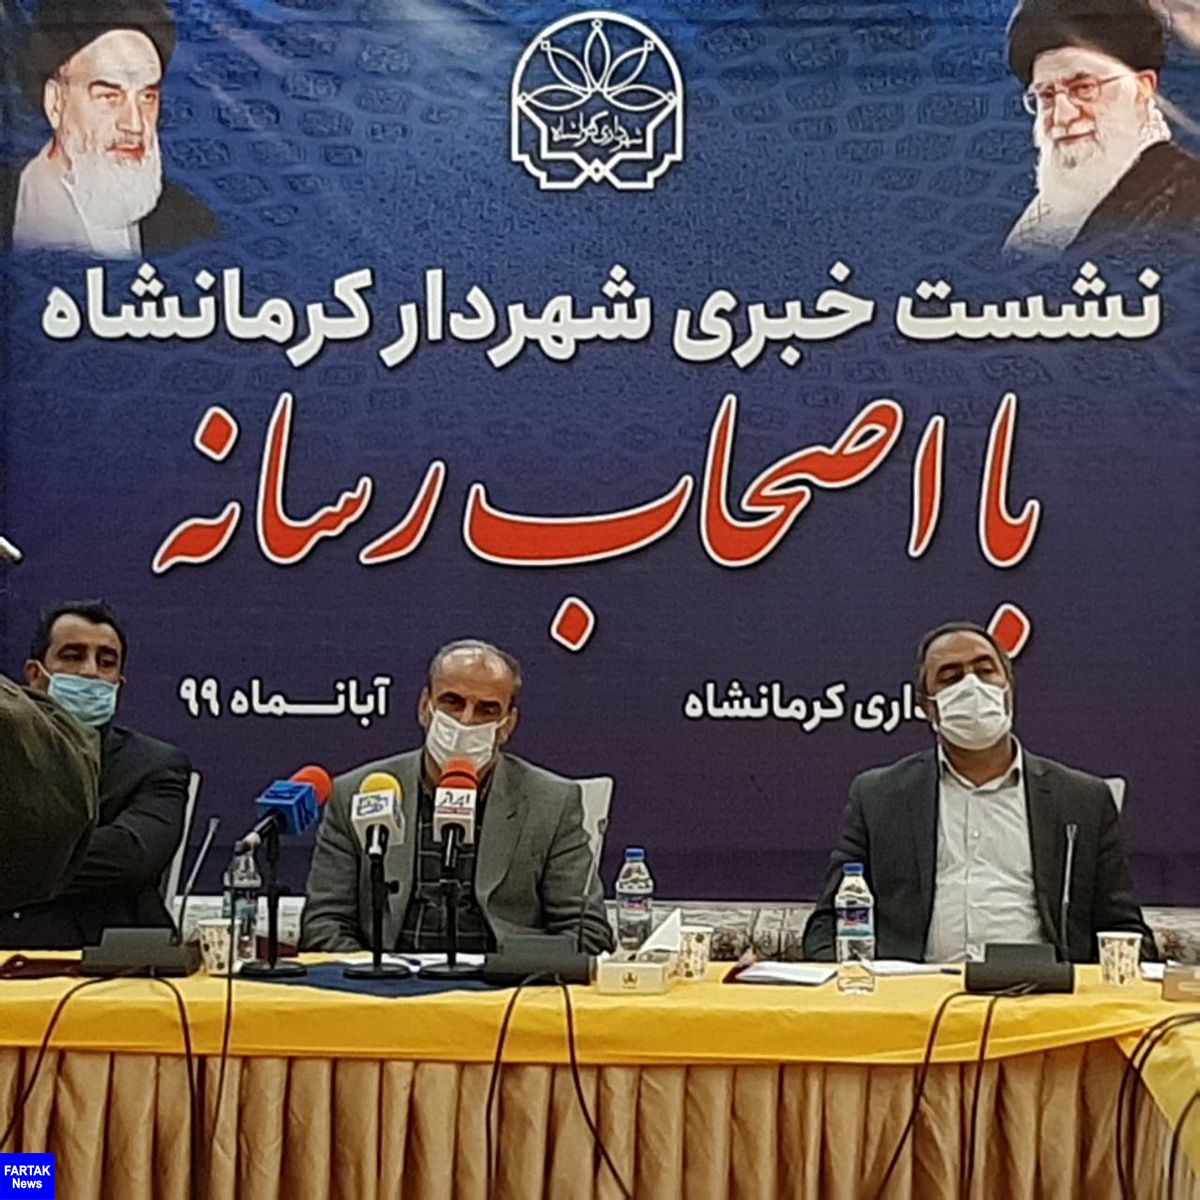 پیاده راه مدرس باعث رونق بازار می شود نه کسادی آن/ در کرمانشاه هیچ مدیری حق دروغ گفتن و بد عهدی ندارد